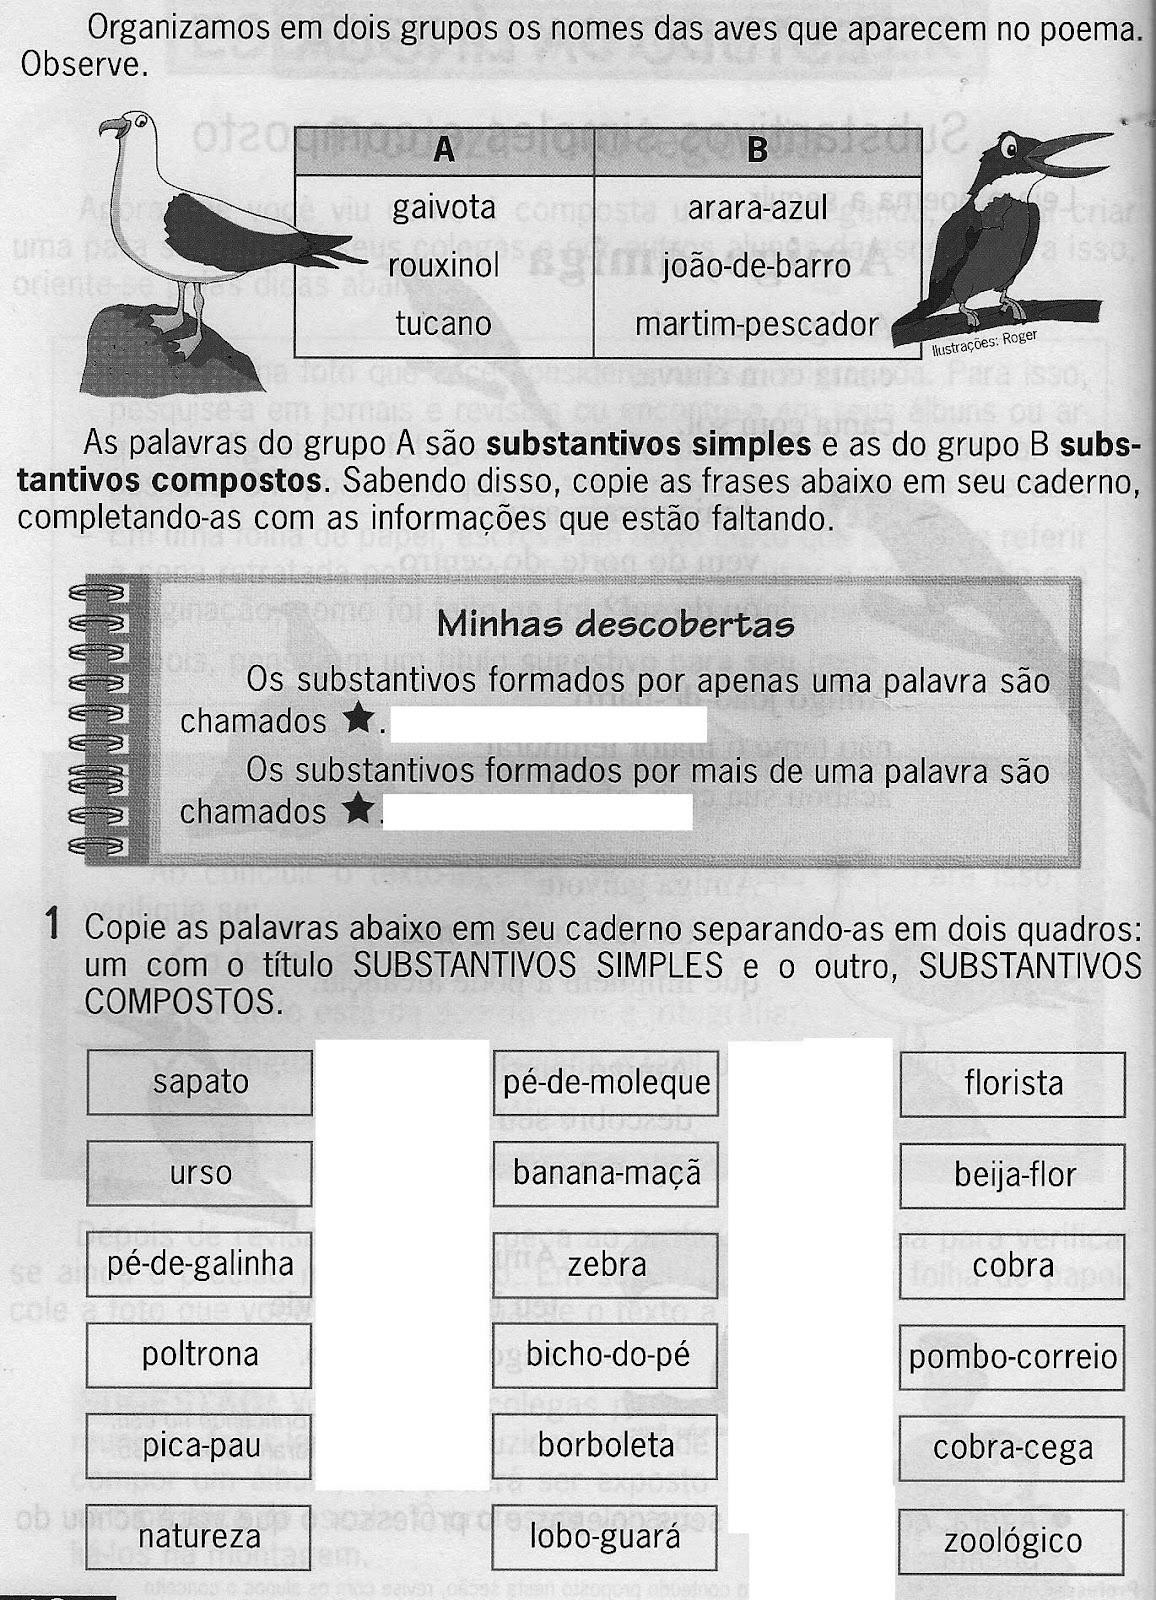 SUBSTANTIVOS SIMPLES E COMPOSTOS